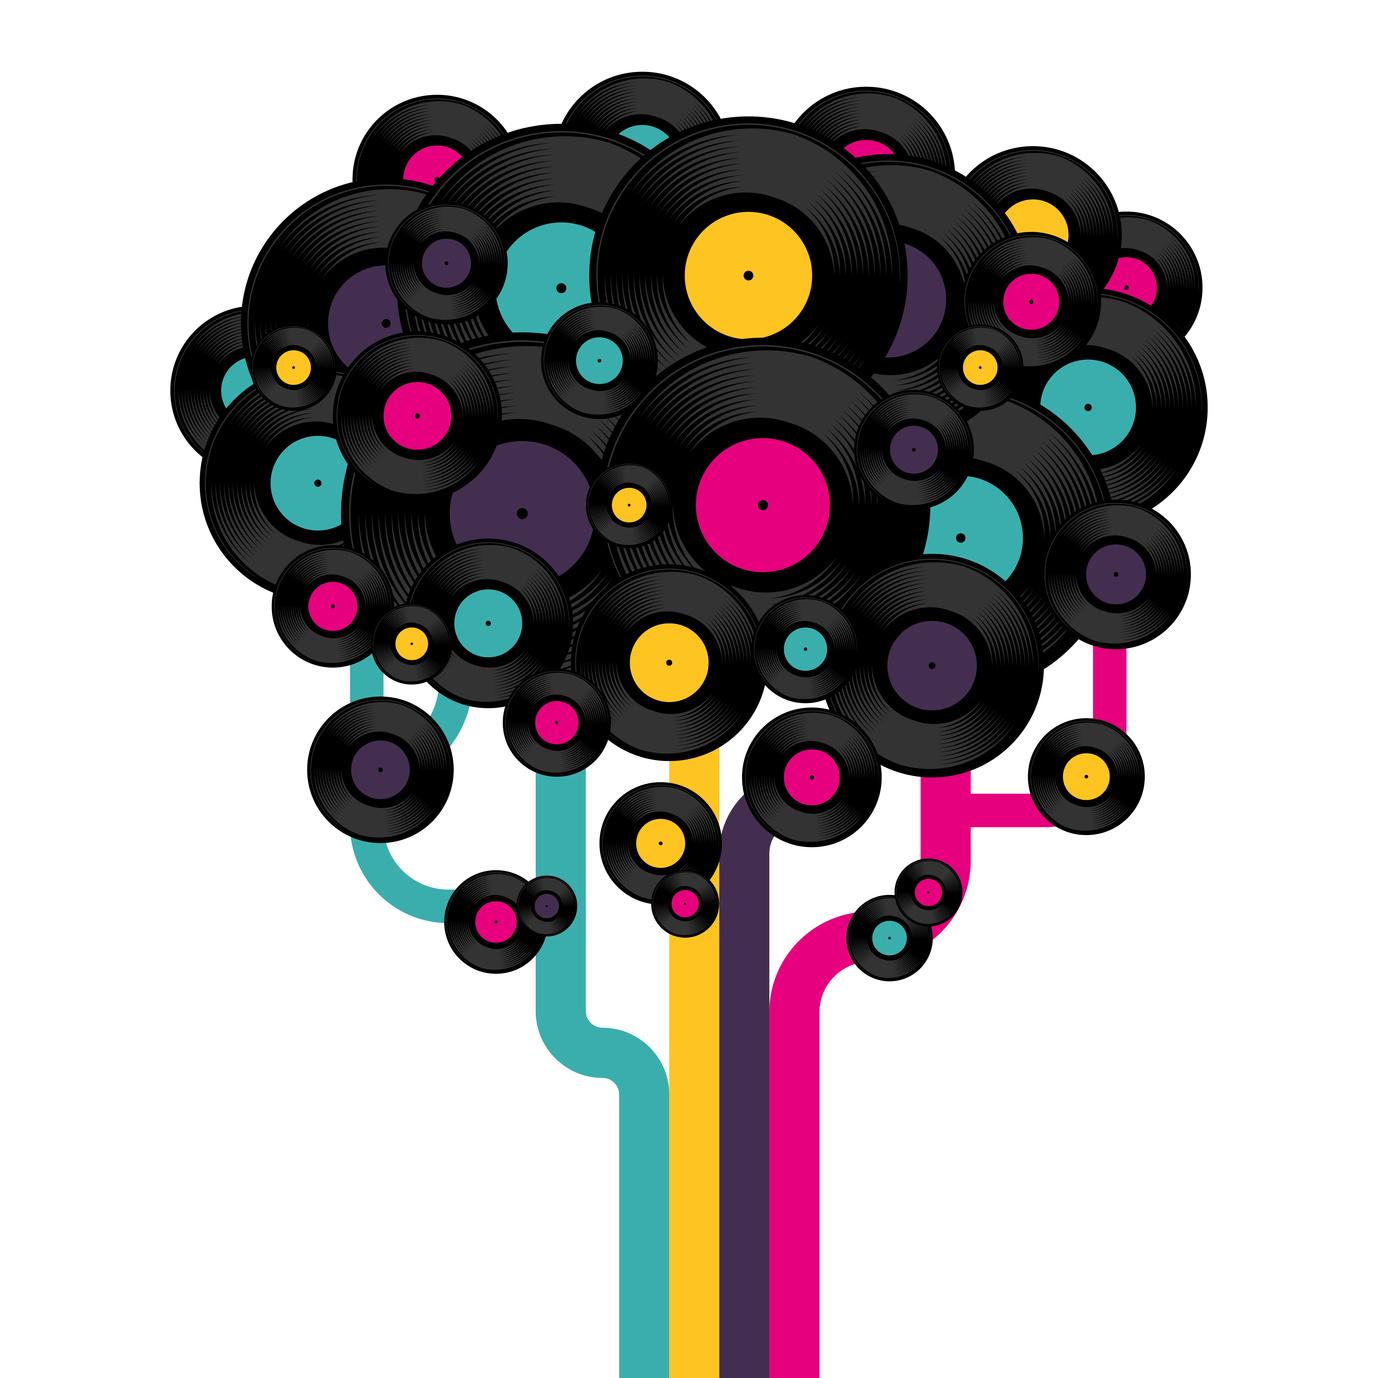 Vinyl record tree. Vector illustration.